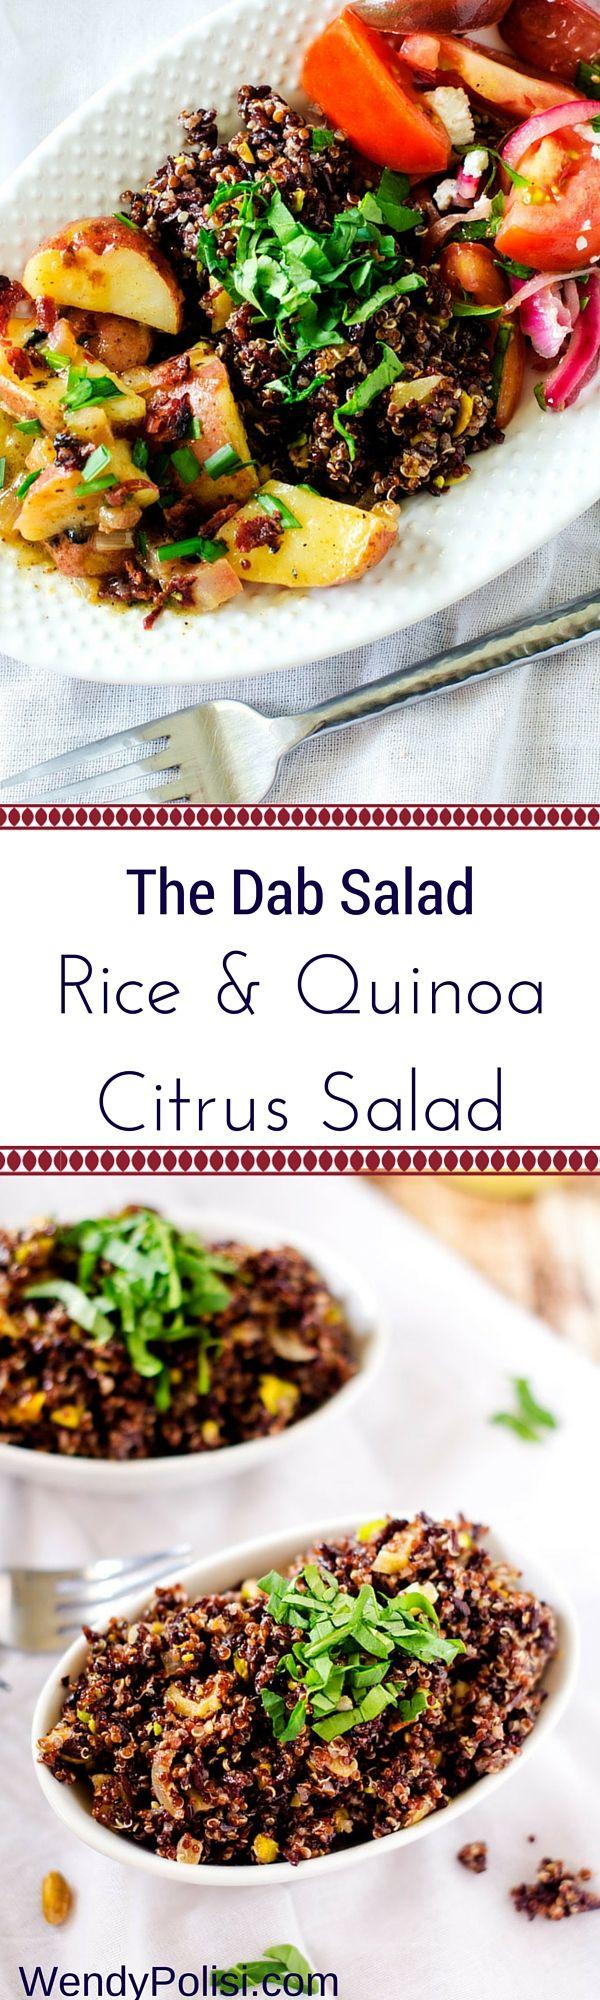 The Dab Salad & Rice & Quinoa Citrus Salad from @wendypolisi #vegan